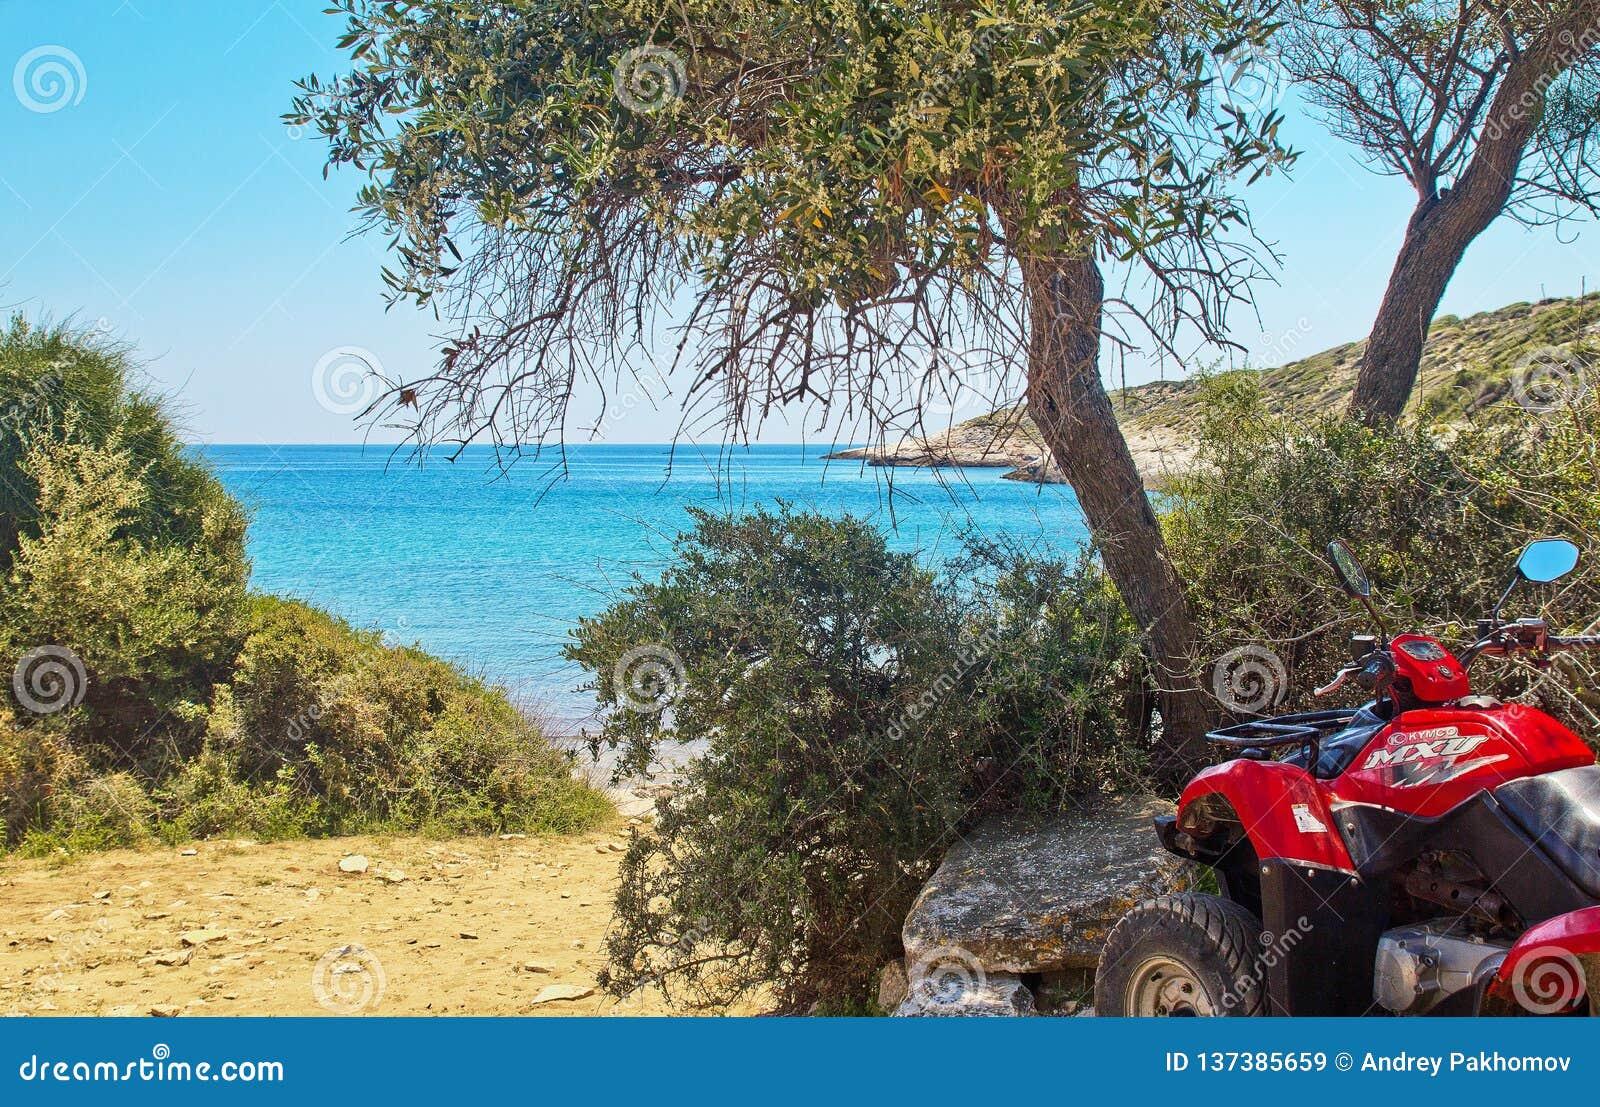 ATV在Thassos,希腊海岛上的海滨停放  吻合风景的看法